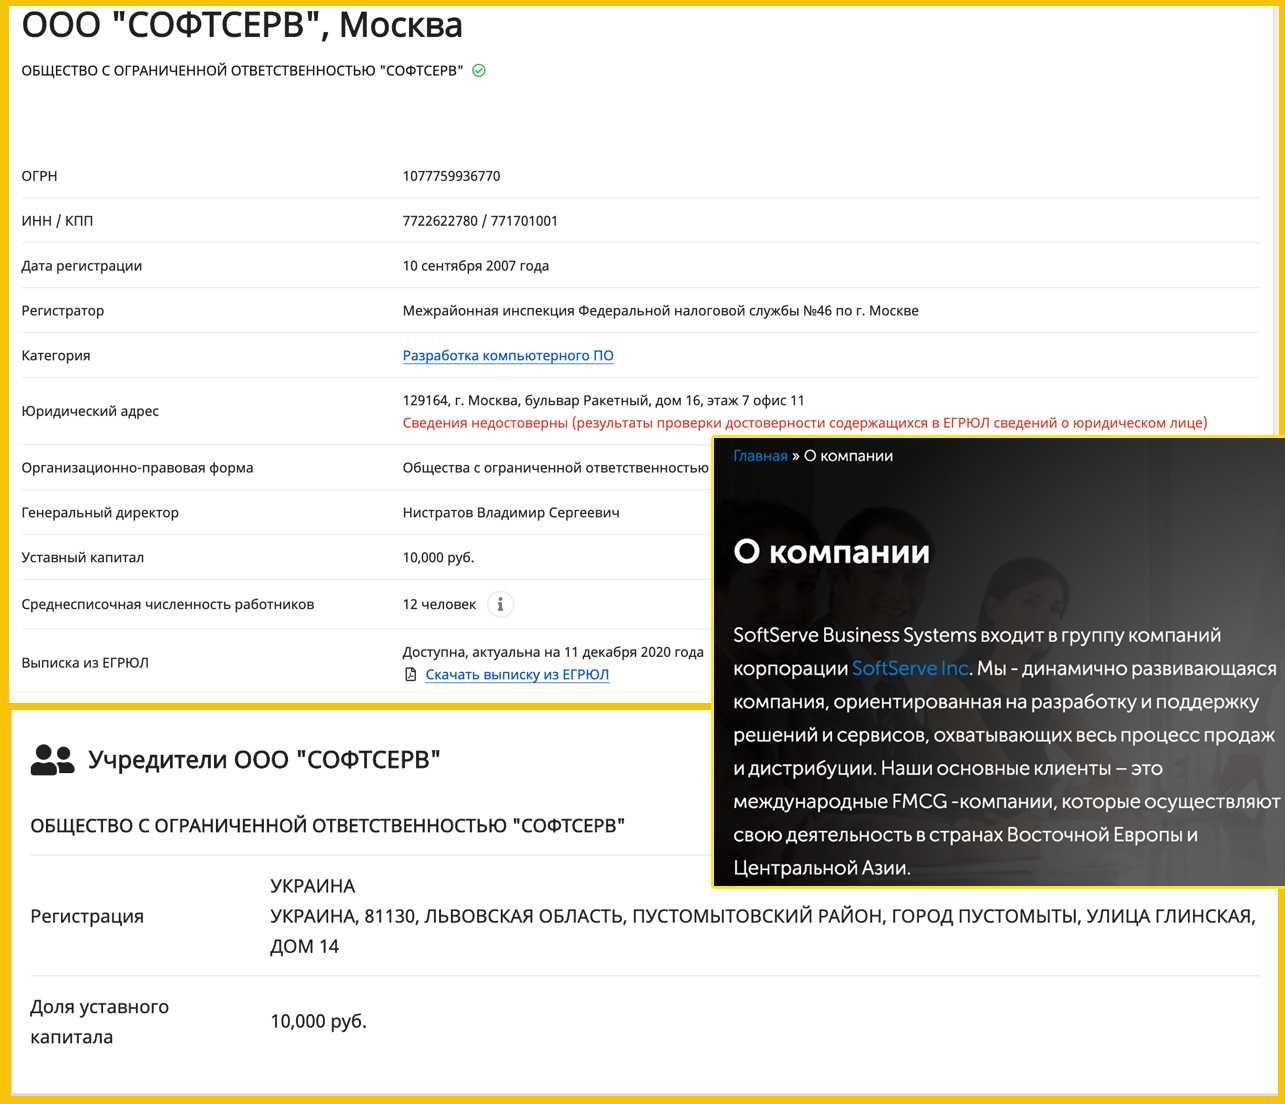 Крупный аутсорсер SoftServe работает в Крыму и РФ – специальное расследование